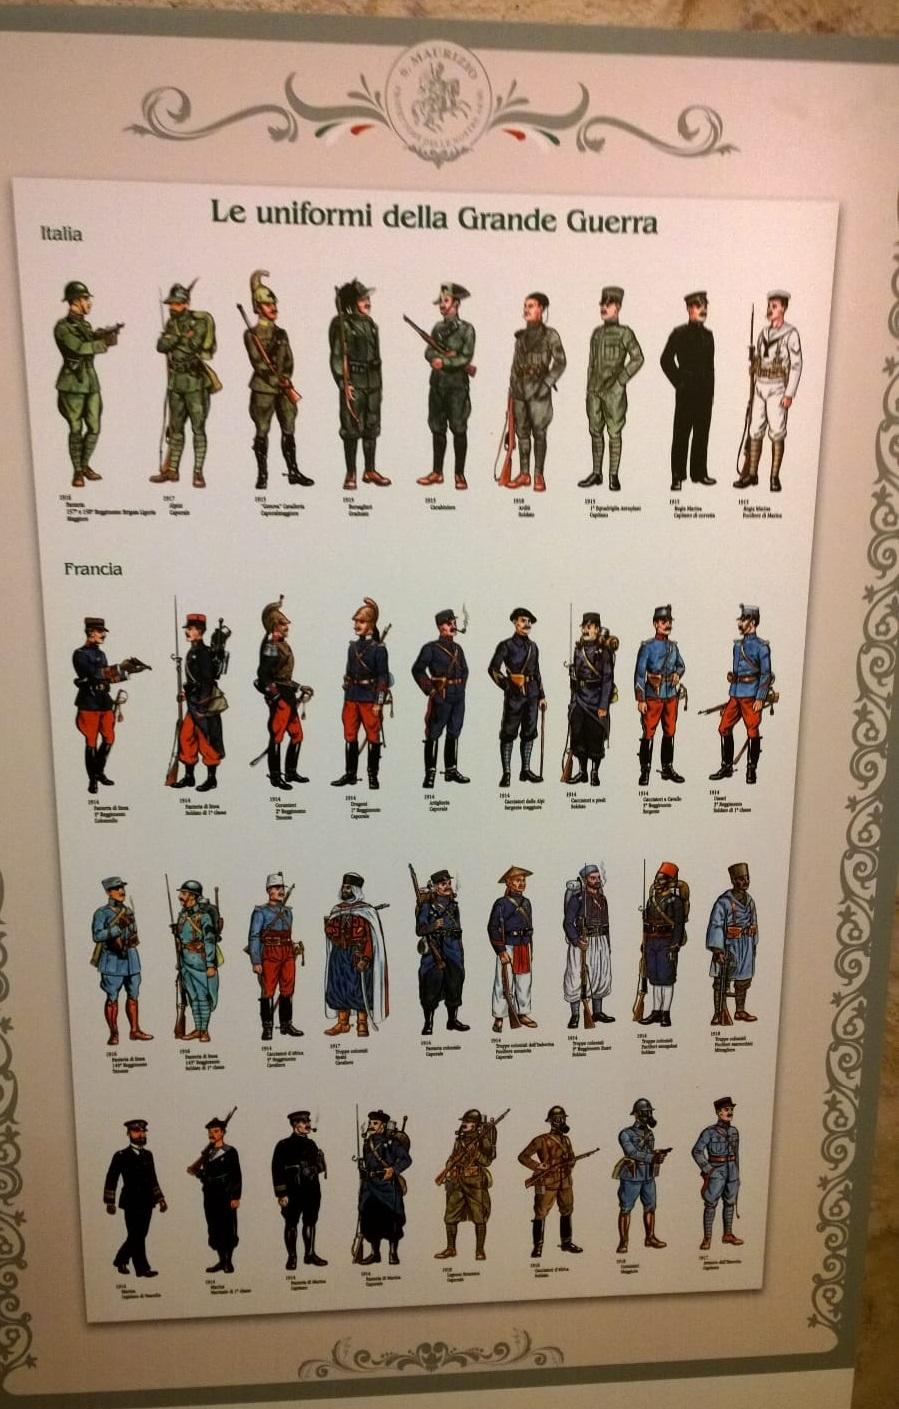 Le Uniformi della Grande Guerra